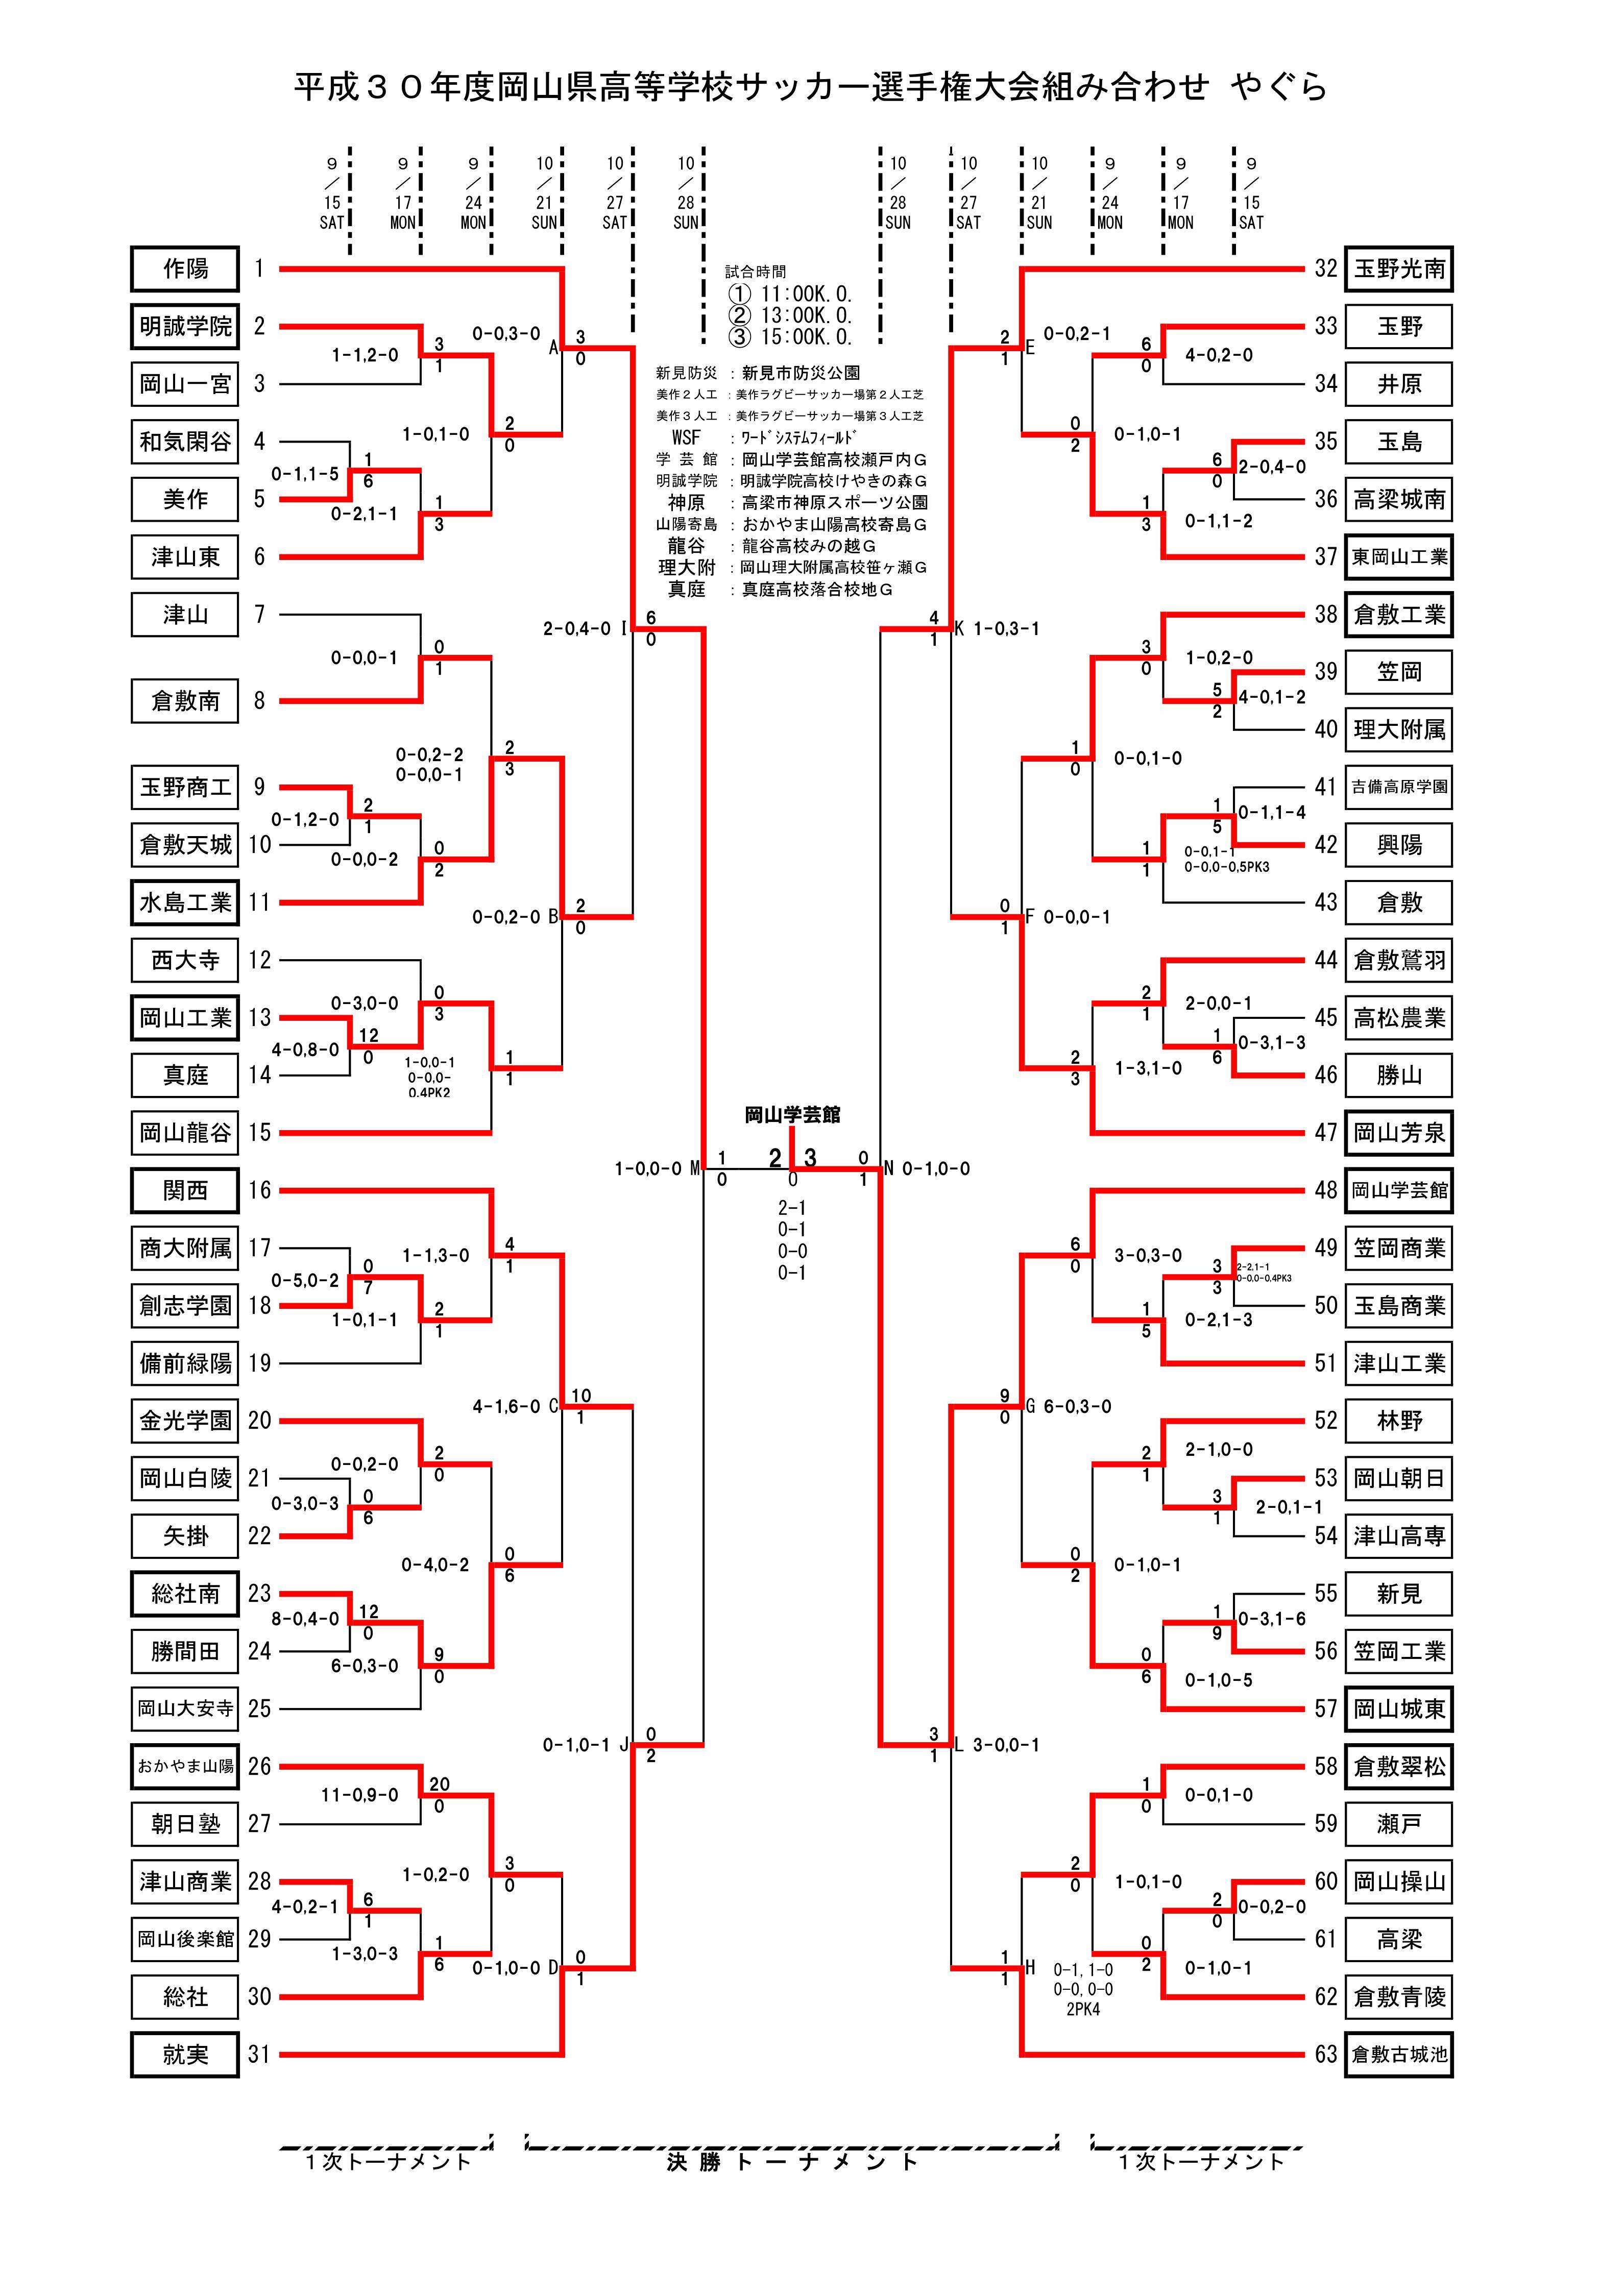 第97回選手権岡山